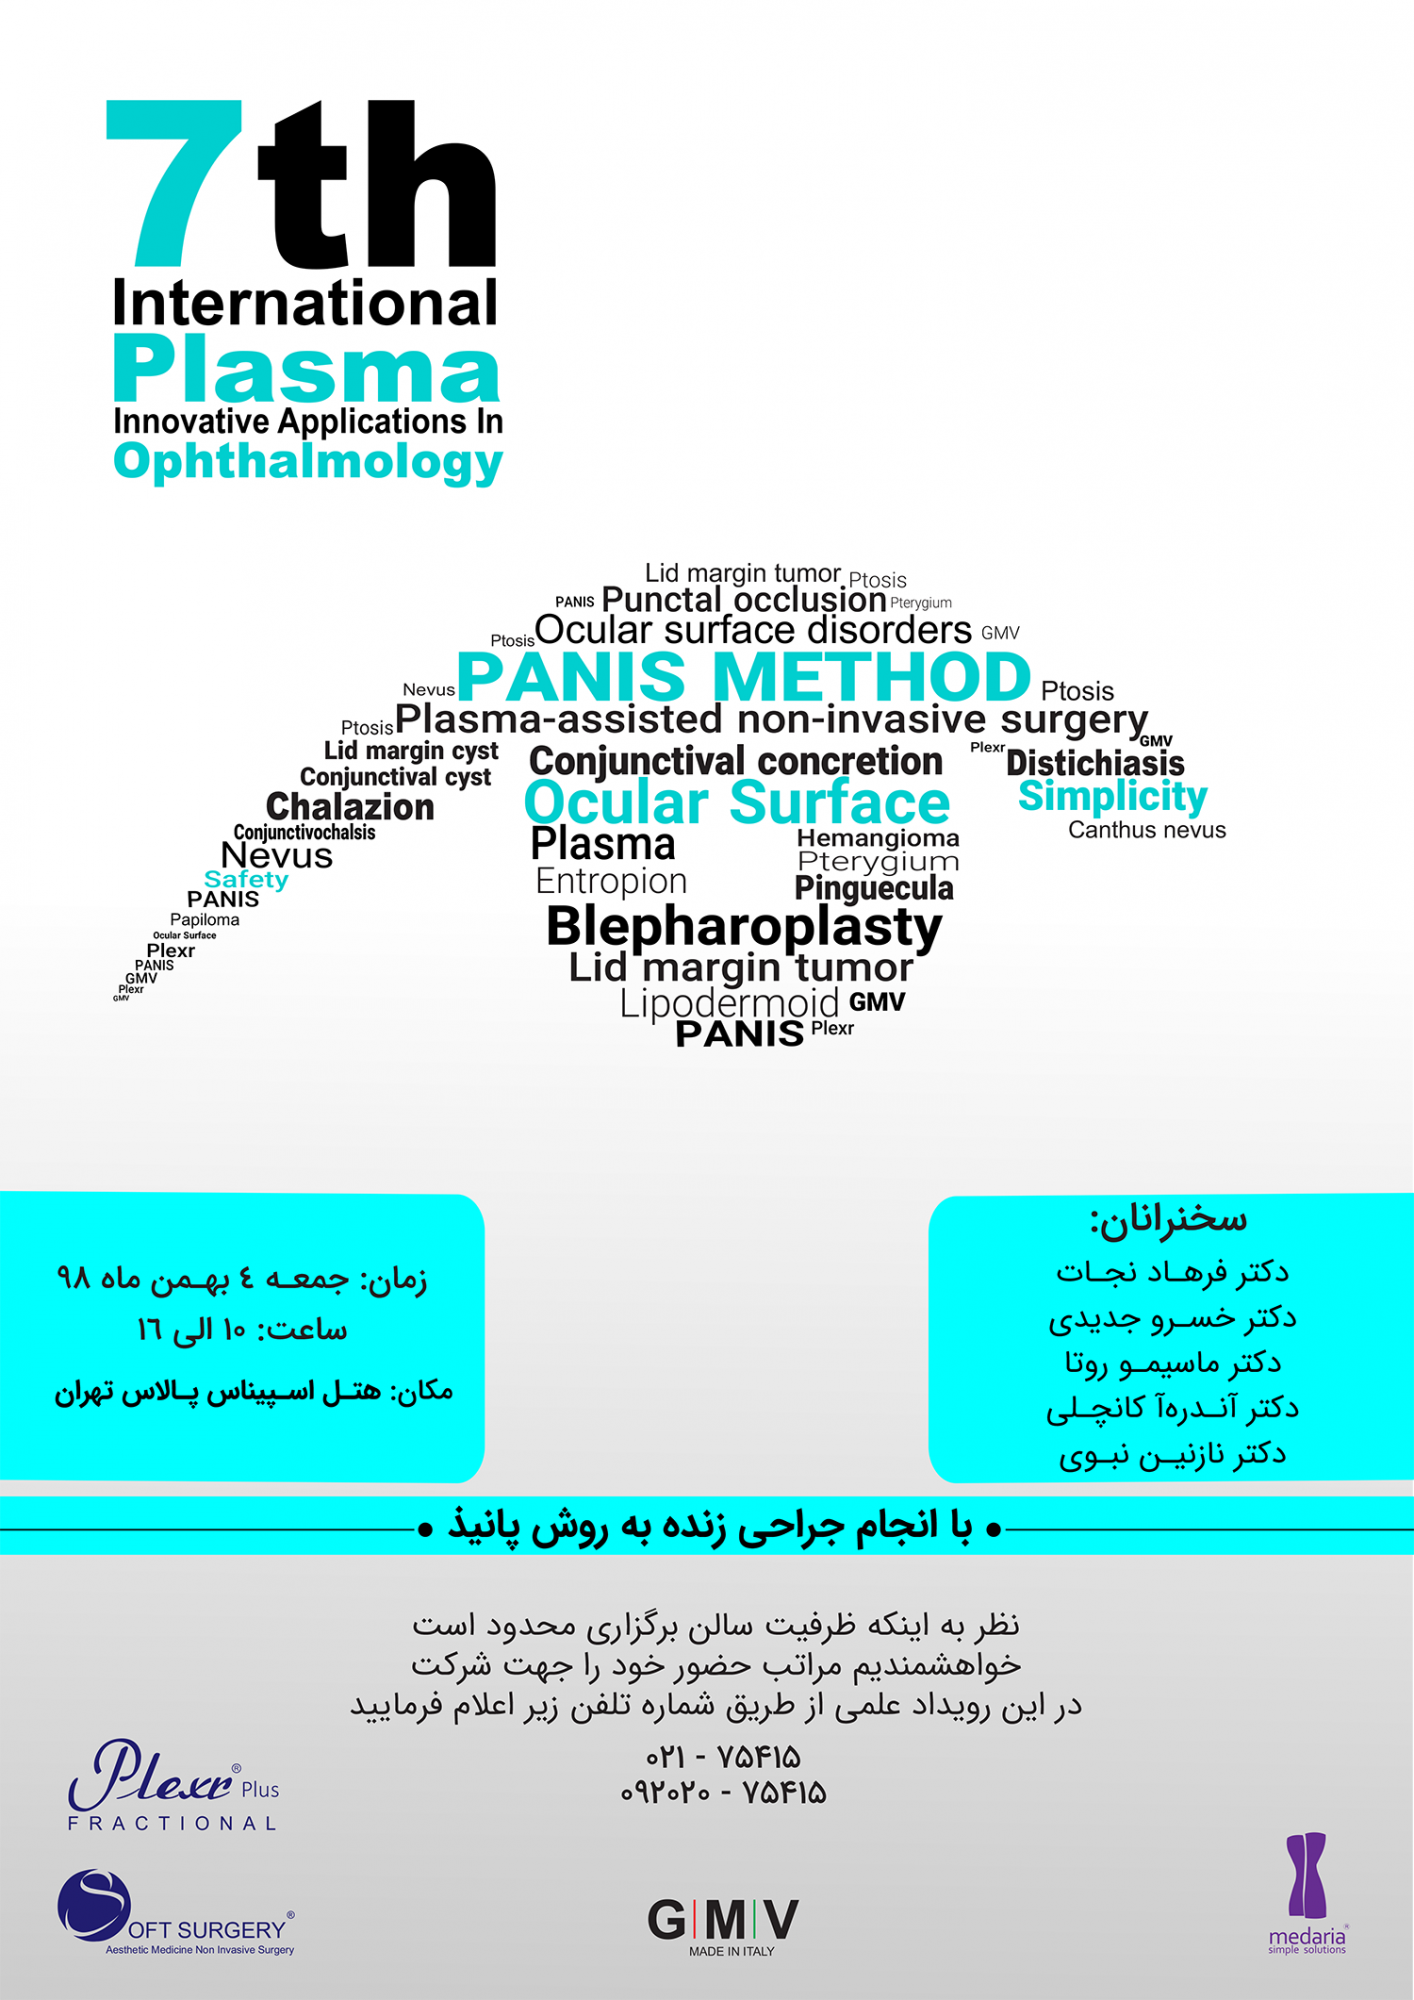 همایش بین المللی کاربردهای پلاسما در حوزه چشم پزشکی